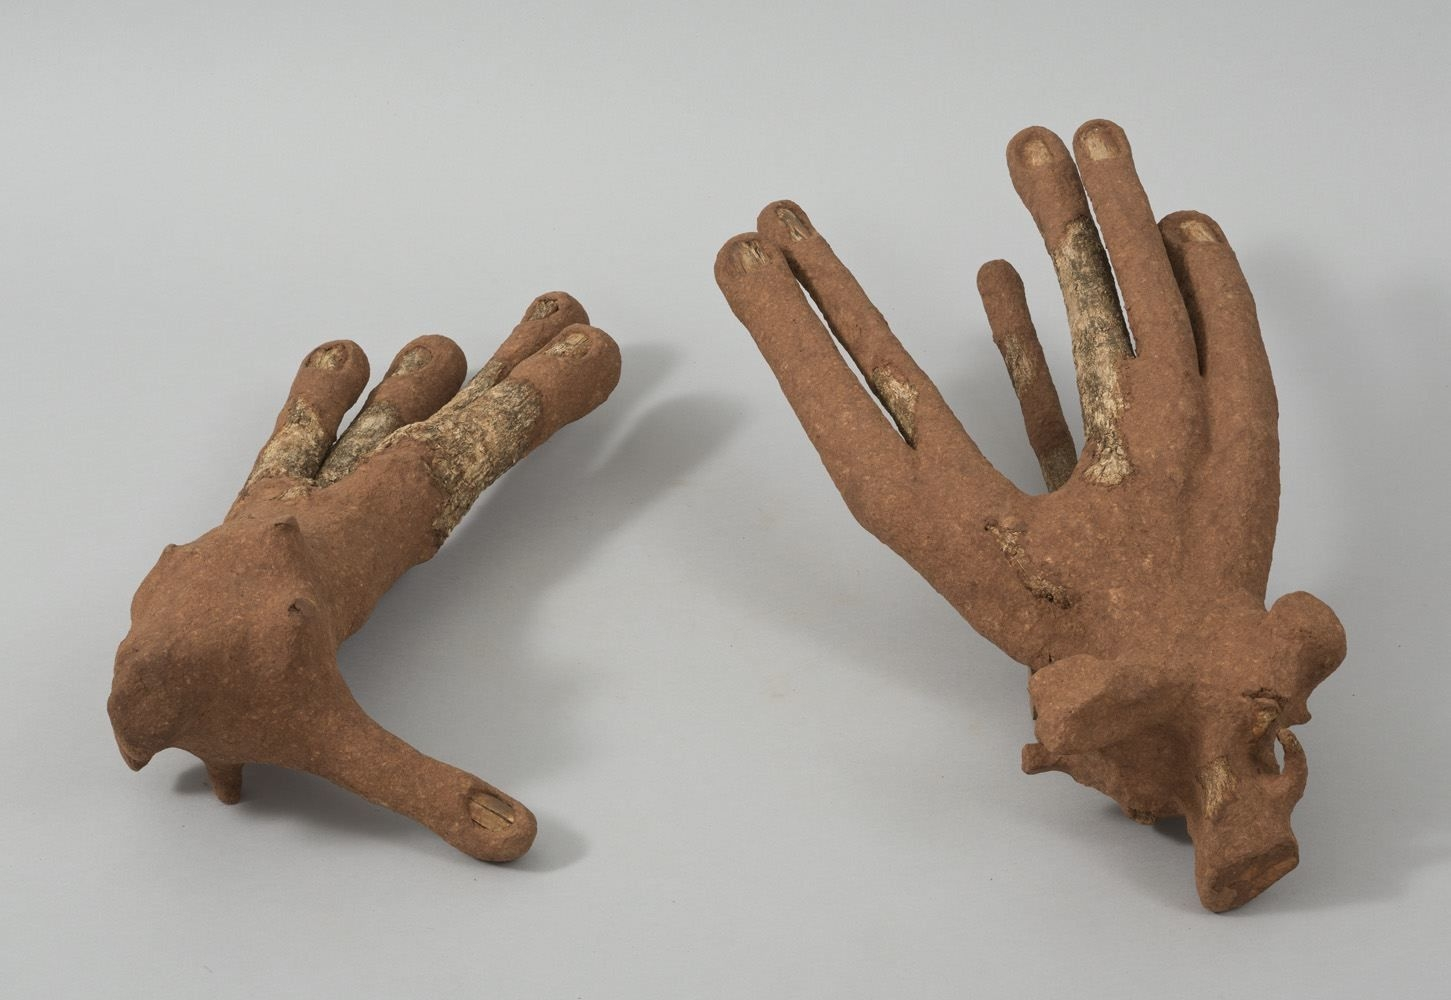 WANGECHI MUTU god hands, 2017